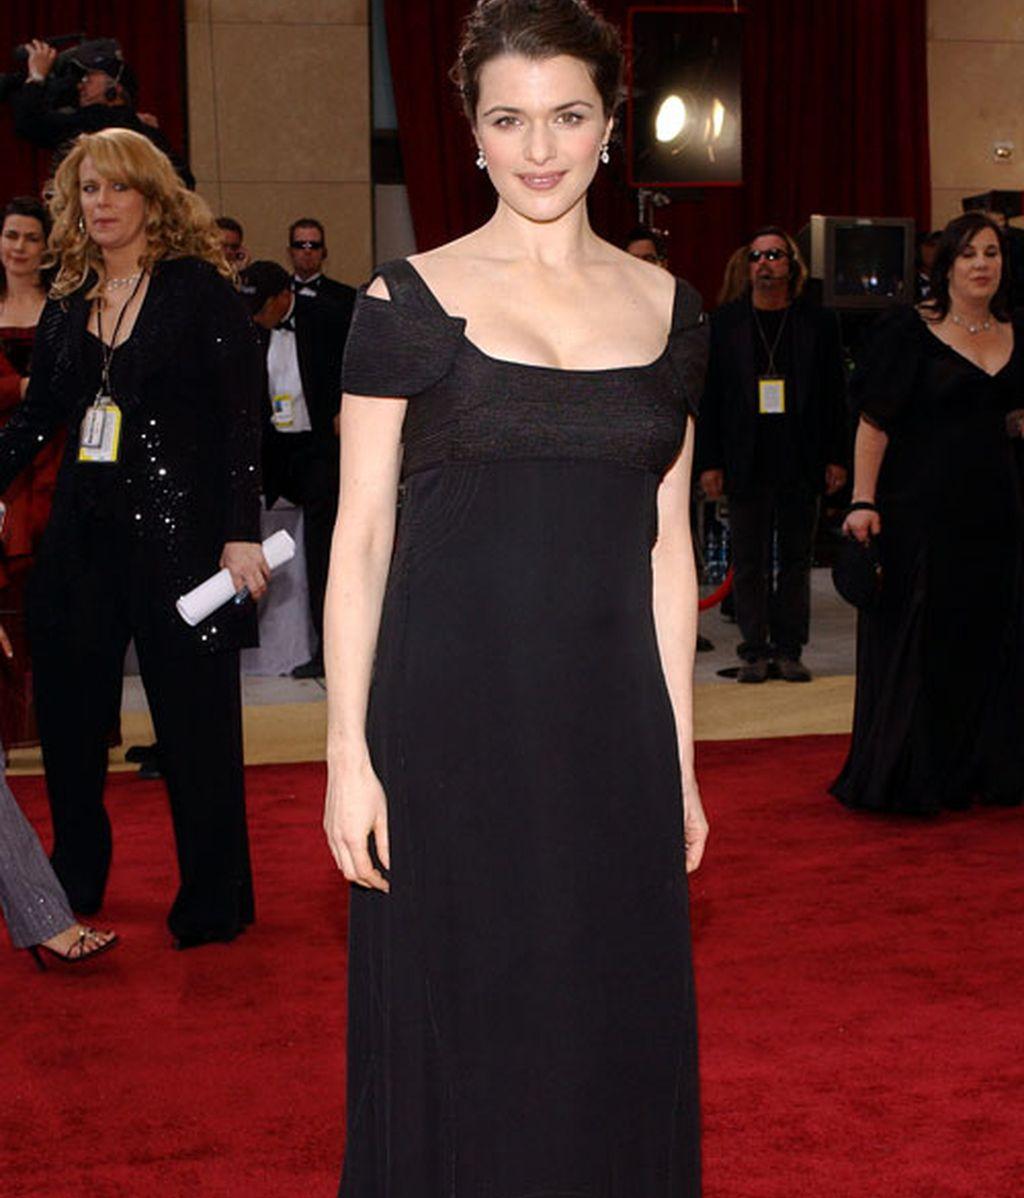 Consejos para que Natalie Portman luzca su barriga en los Oscar